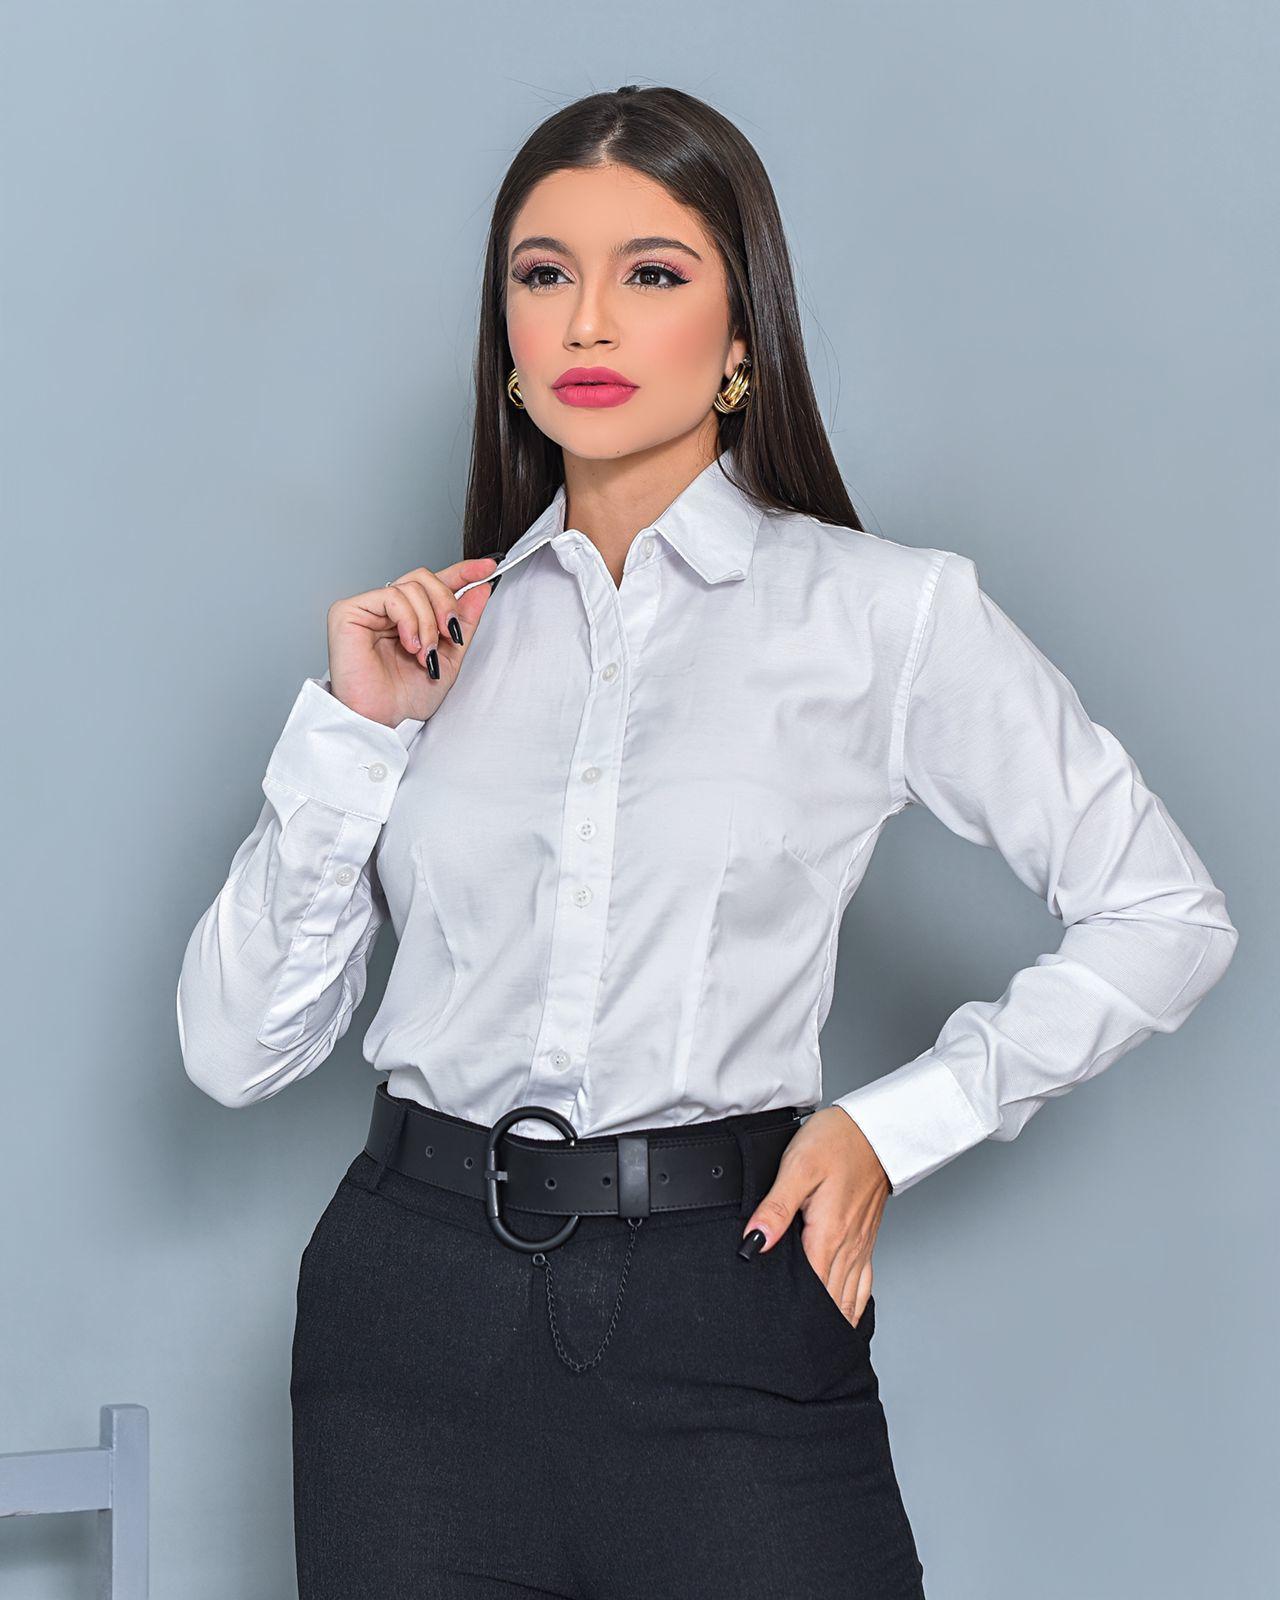 Camisa Feminina Branca com Botões Bem Bella